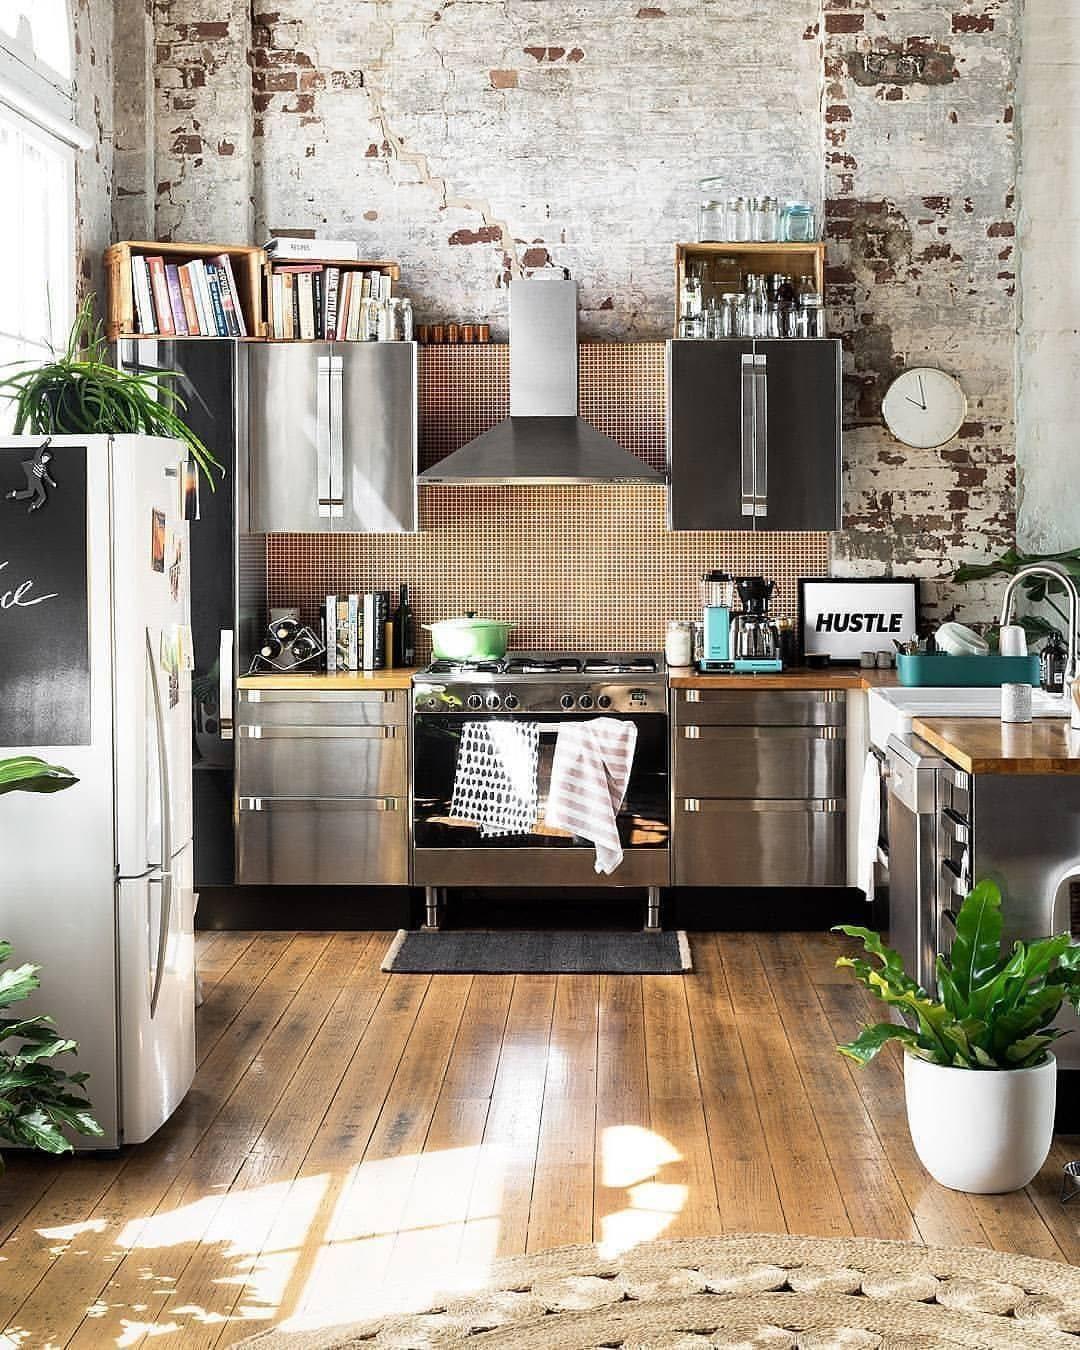 urban kitchen wall decor  homedizz